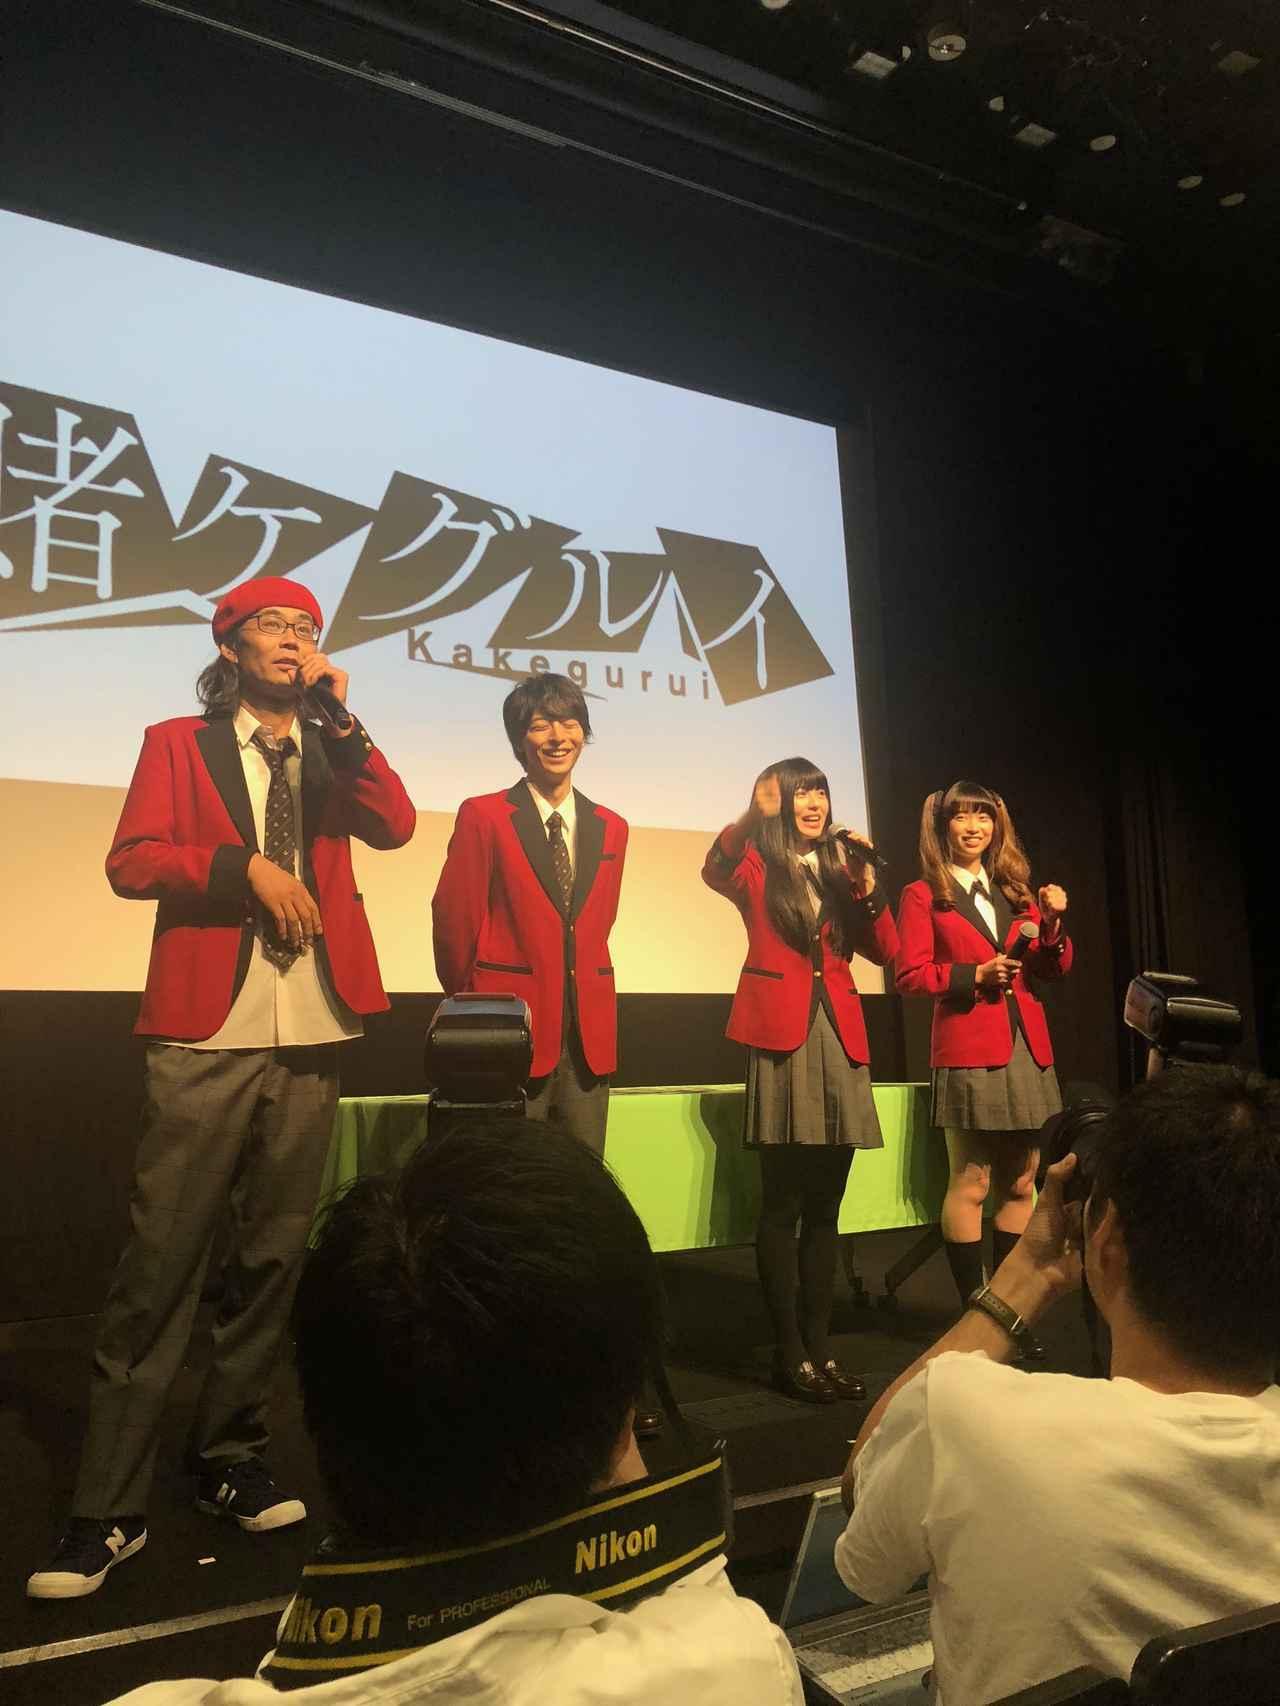 画像: 左から英勉監督、高杉真宙さん、浜辺美波さん、森川葵さん